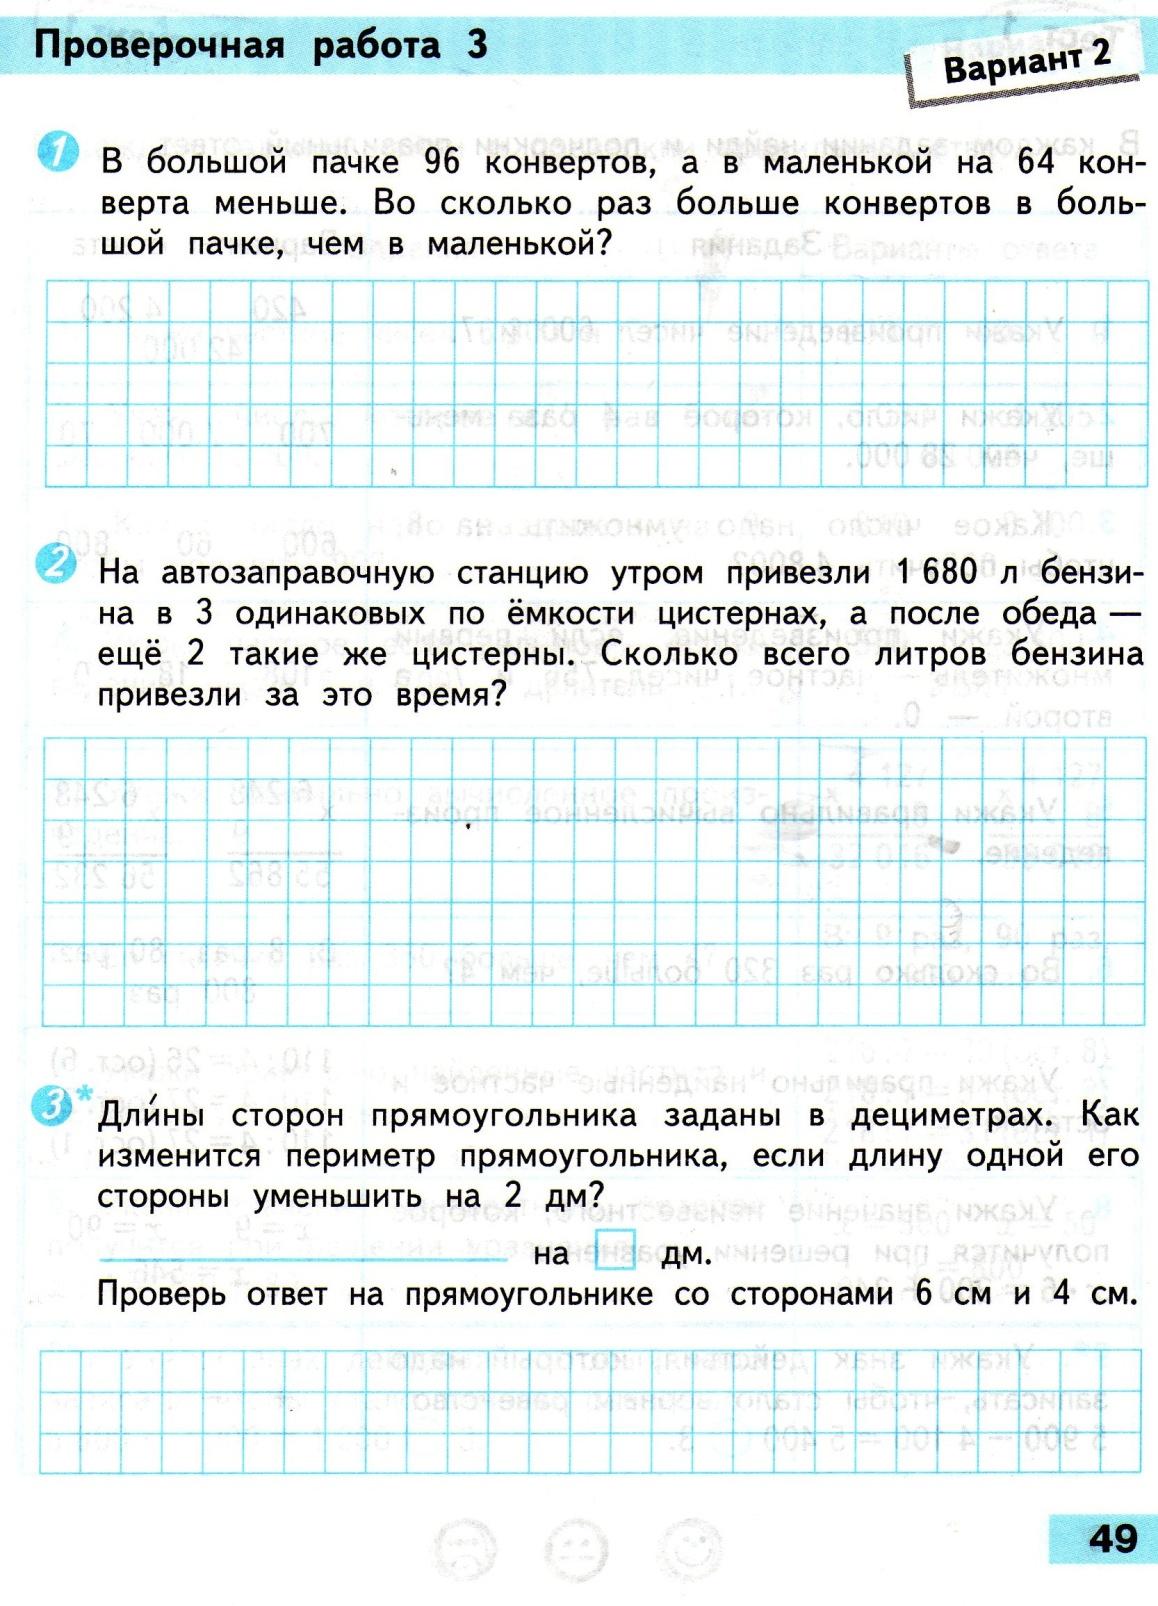 C:\Documents and Settings\Admin\Мои документы\Мои рисунки\1548.jpg